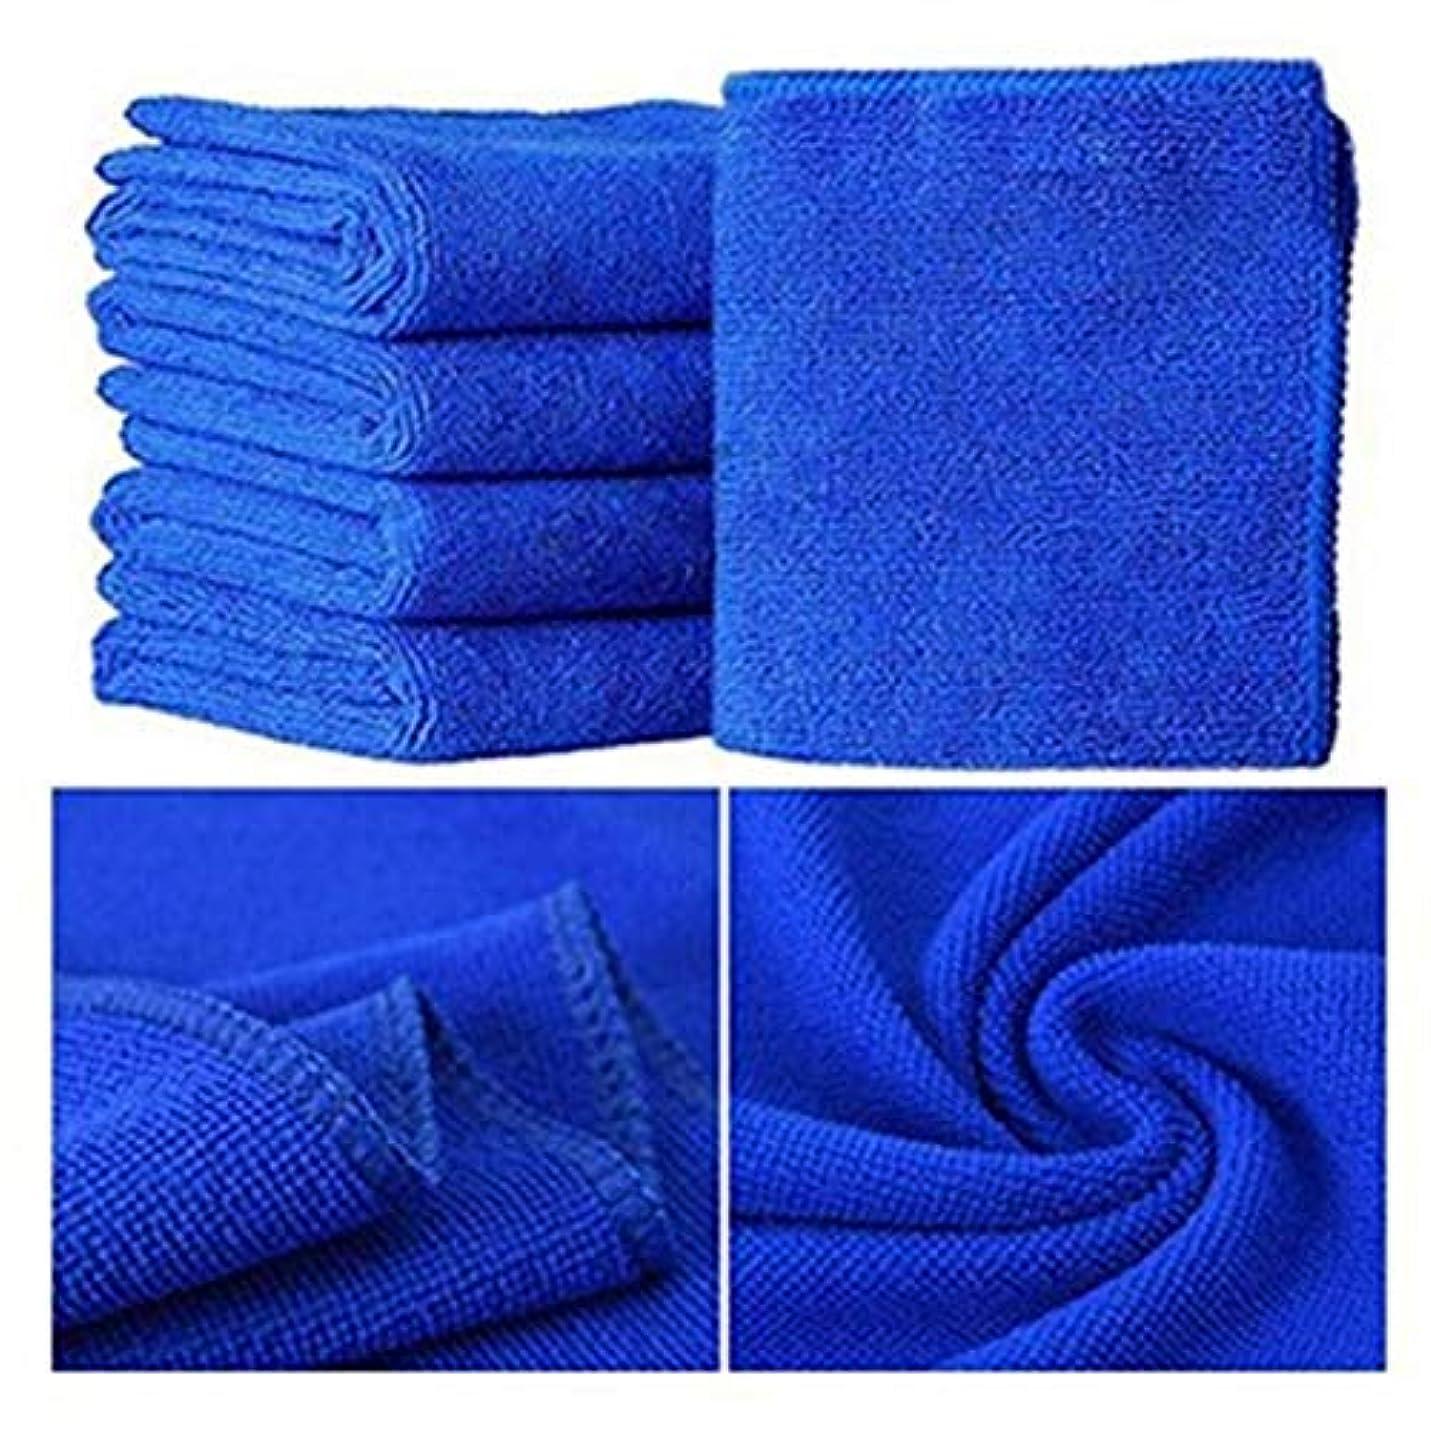 敬意を表する検査官ひねくれたMaxcrestas - 25*25cm 5 Pcs/ 10 Pcs Small Towel Soft Microfiber Towel great absorbent Towel for bathroom kitchen...